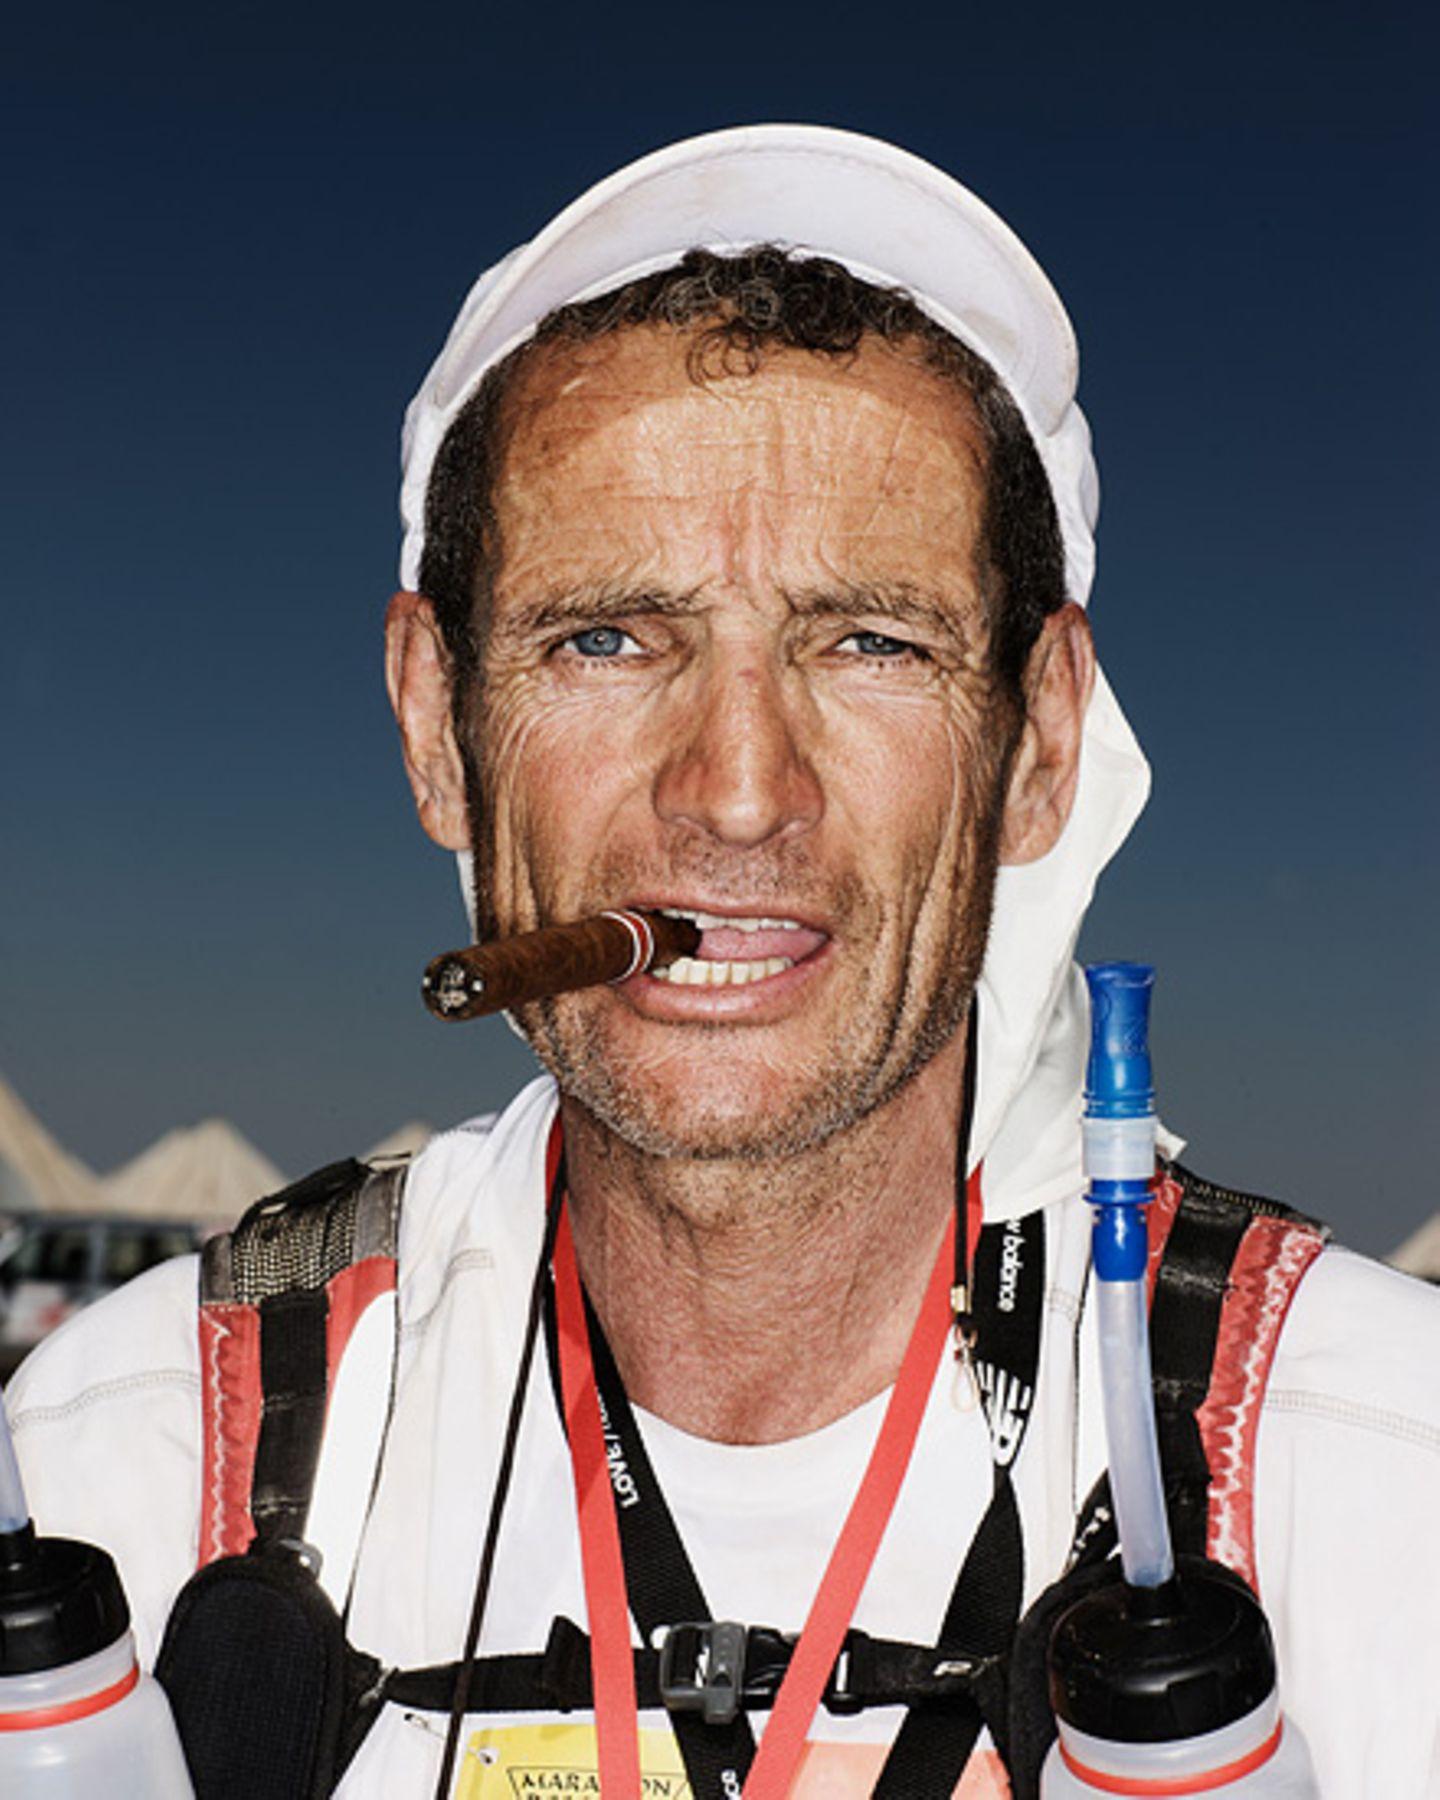 Marokko: Marathon durch die Wüste - Bild 8